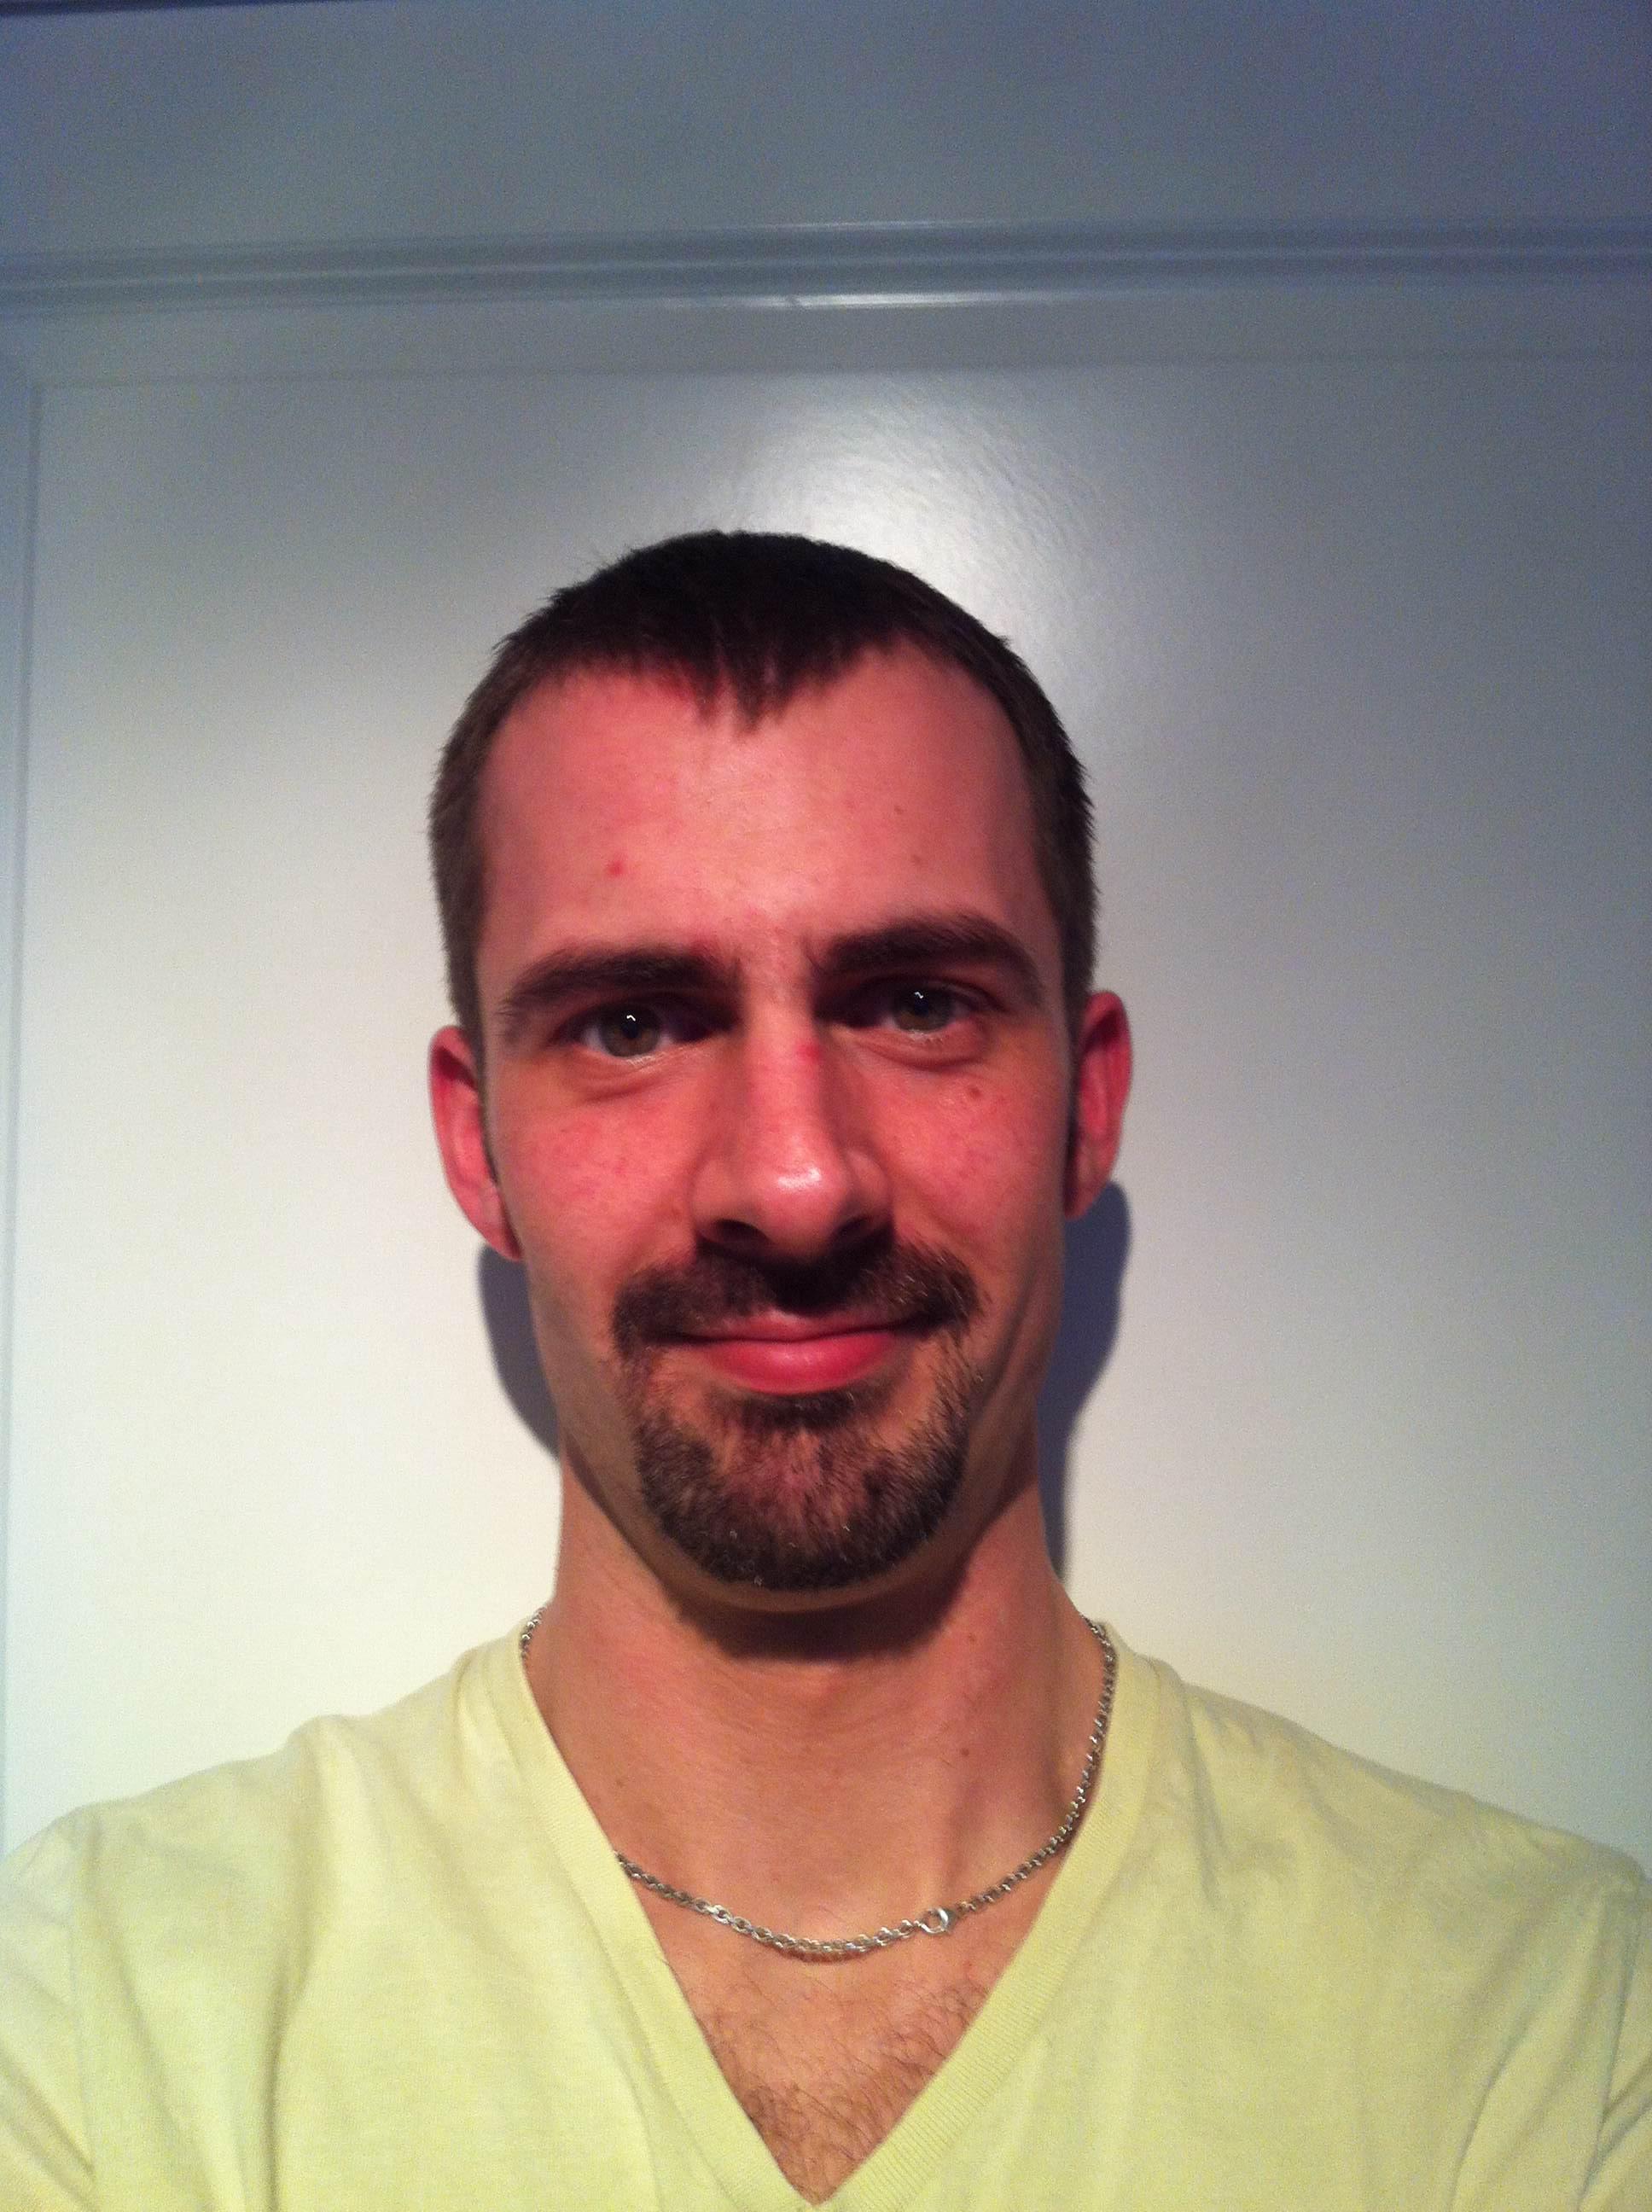 Brian Maagaard Holm